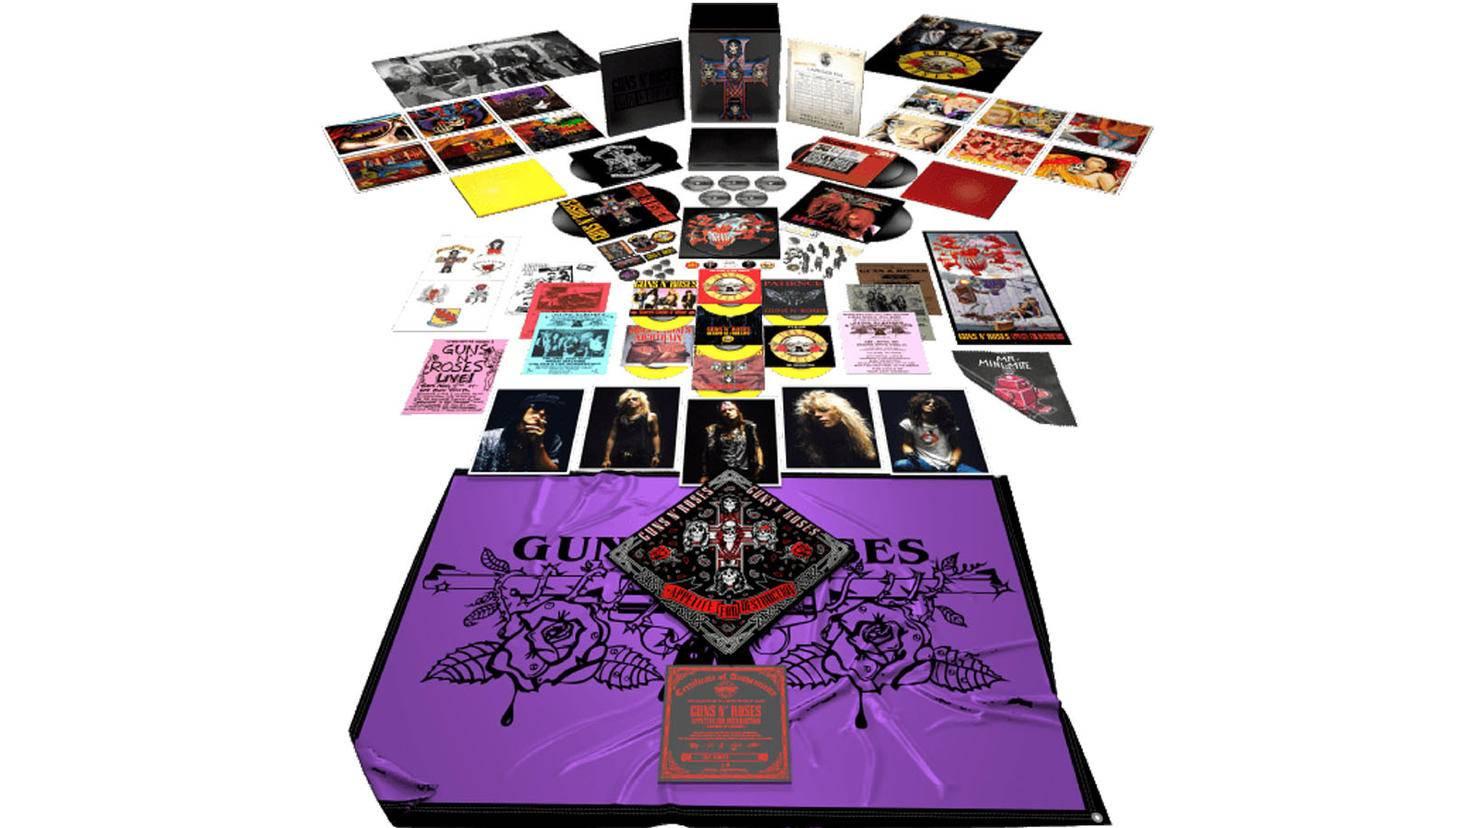 Guns-N-Roses Appetite for Destruction limitierte Locked-N-Loaded Vinyl-Box